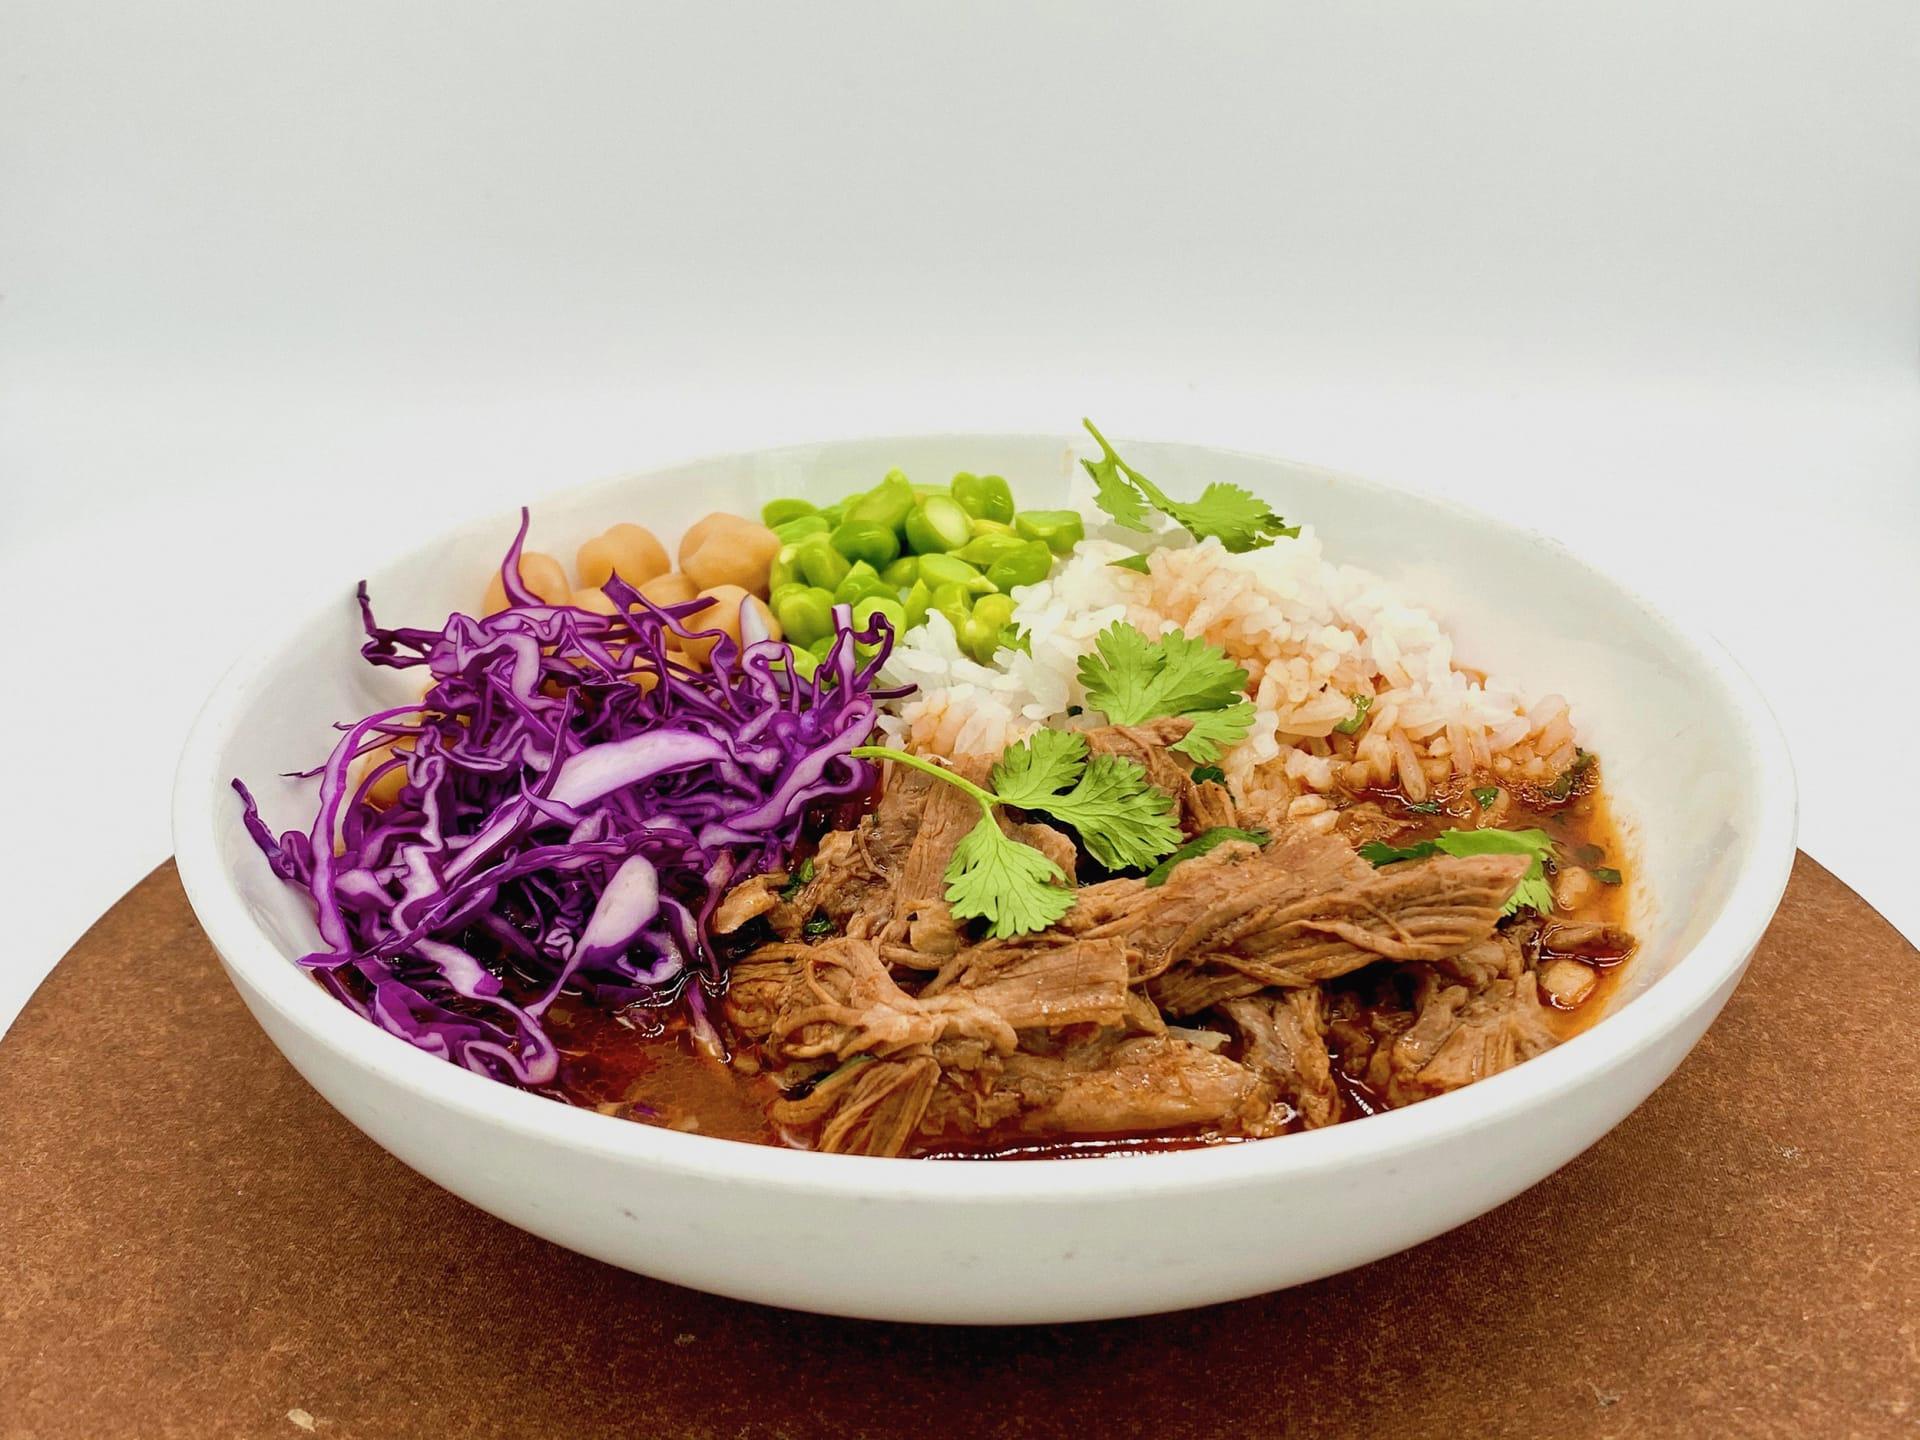 مطاعم تُعيد اختراع مفهوم الطعام الراقي في ظل فيروس كورونا